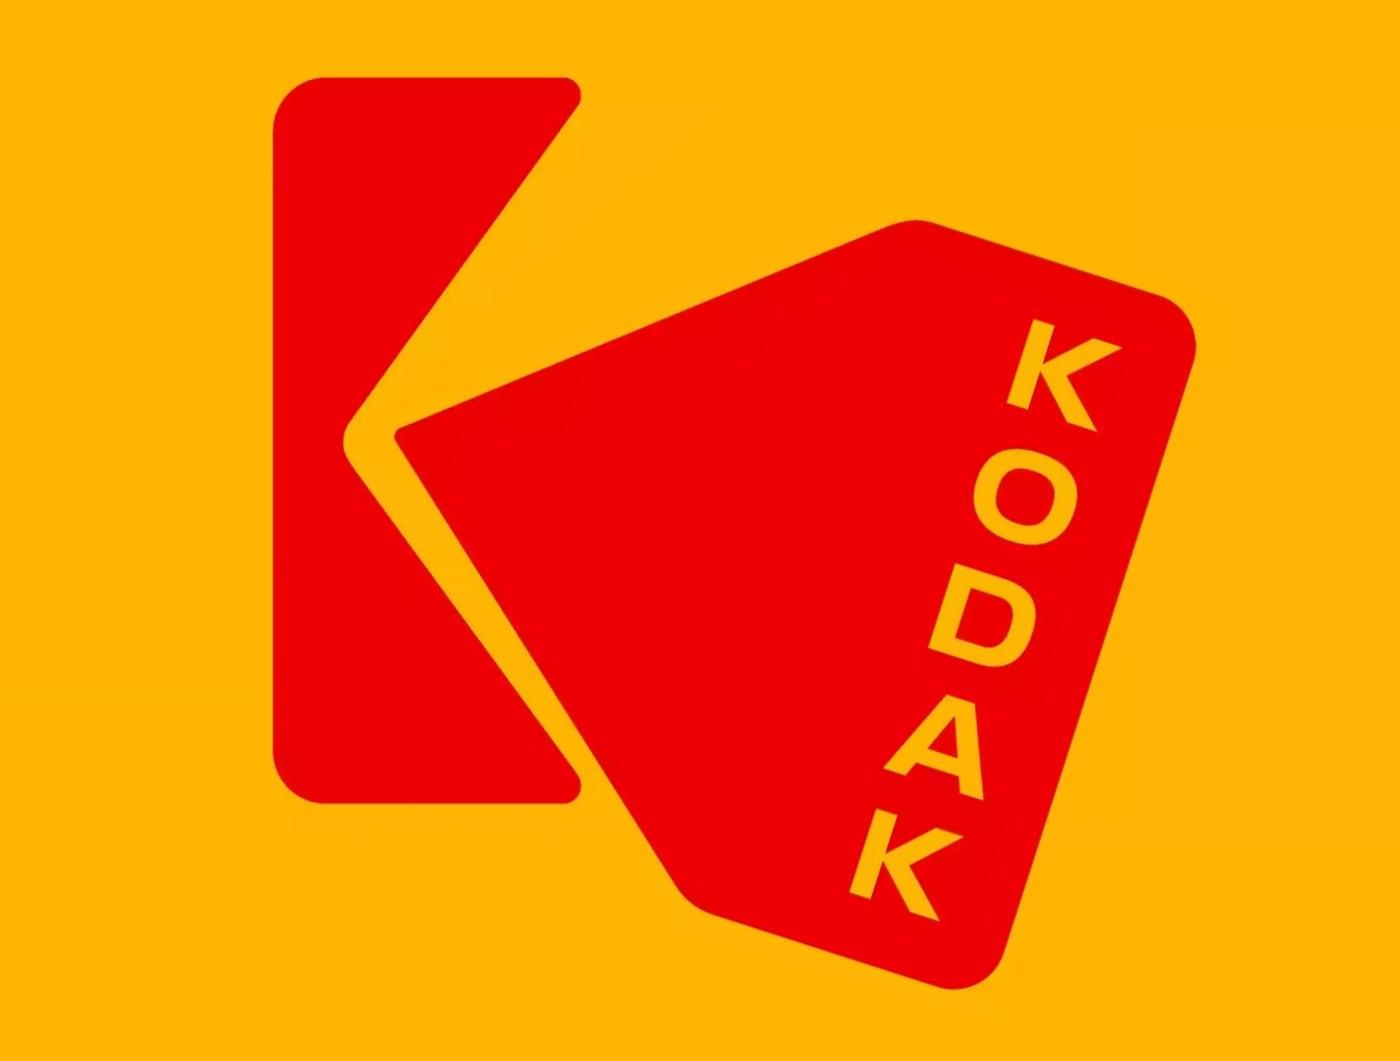 Kodak, de l'ascension à la chute d'un empire photo